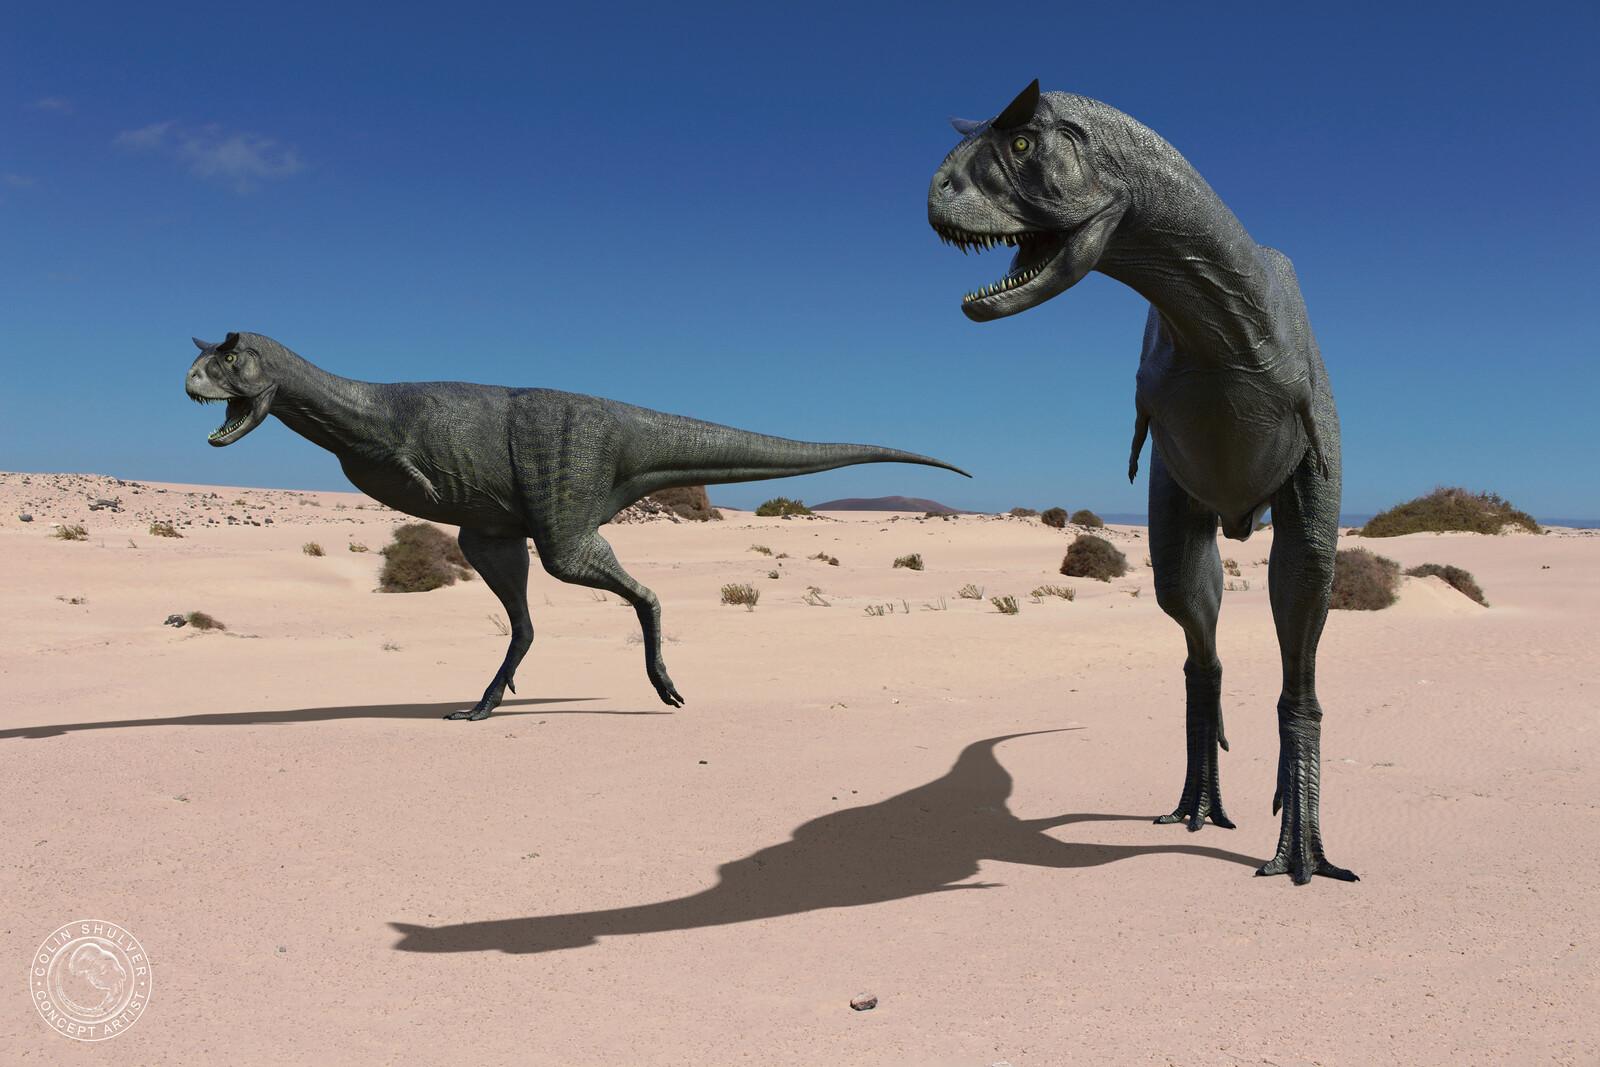 Carnotaurus